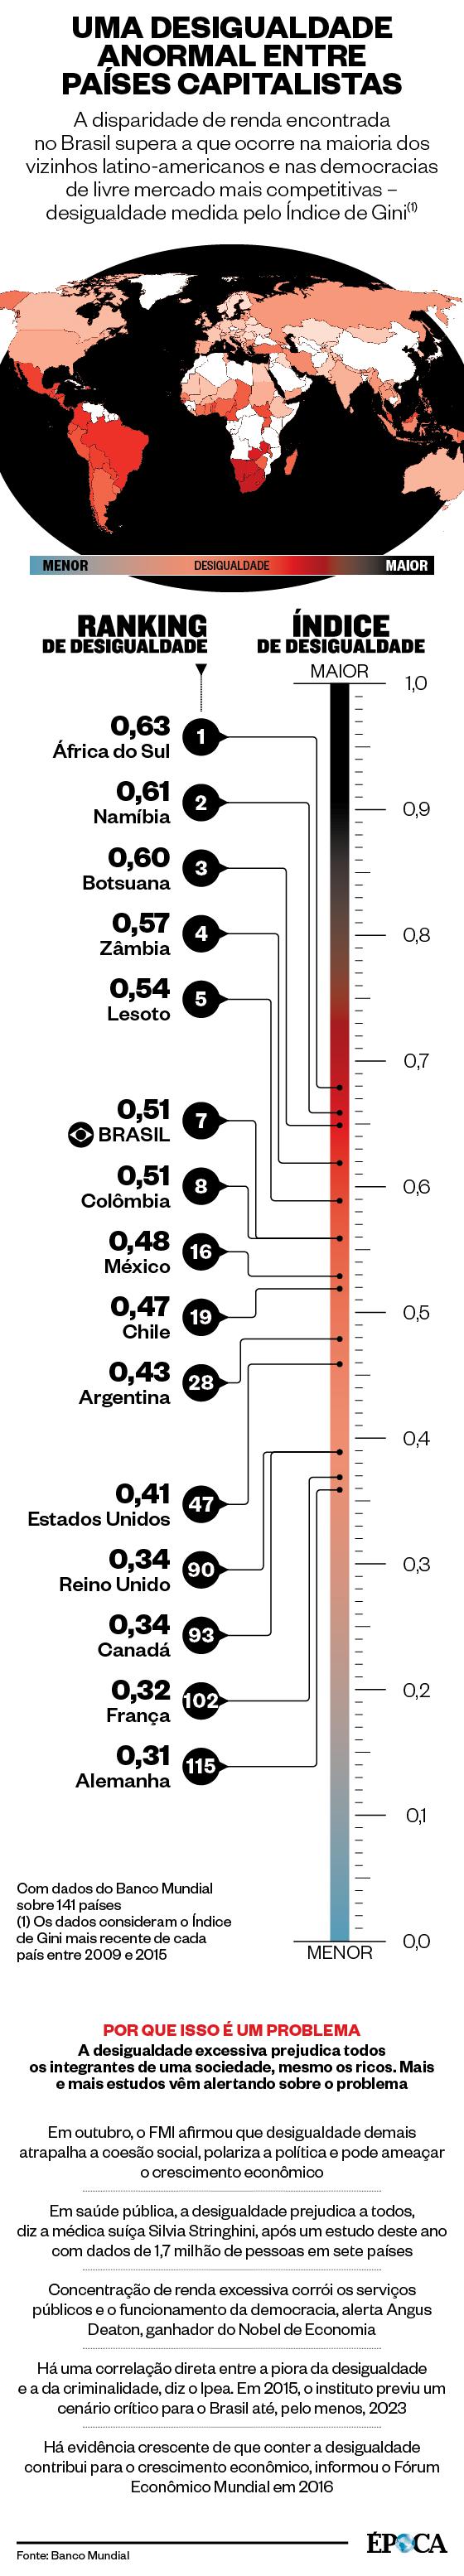 UMA DESIGUALDADE ANORMAL ENTRE PAÍSES CAPITALISTAS (Foto: Fonte: Banco Mundial)